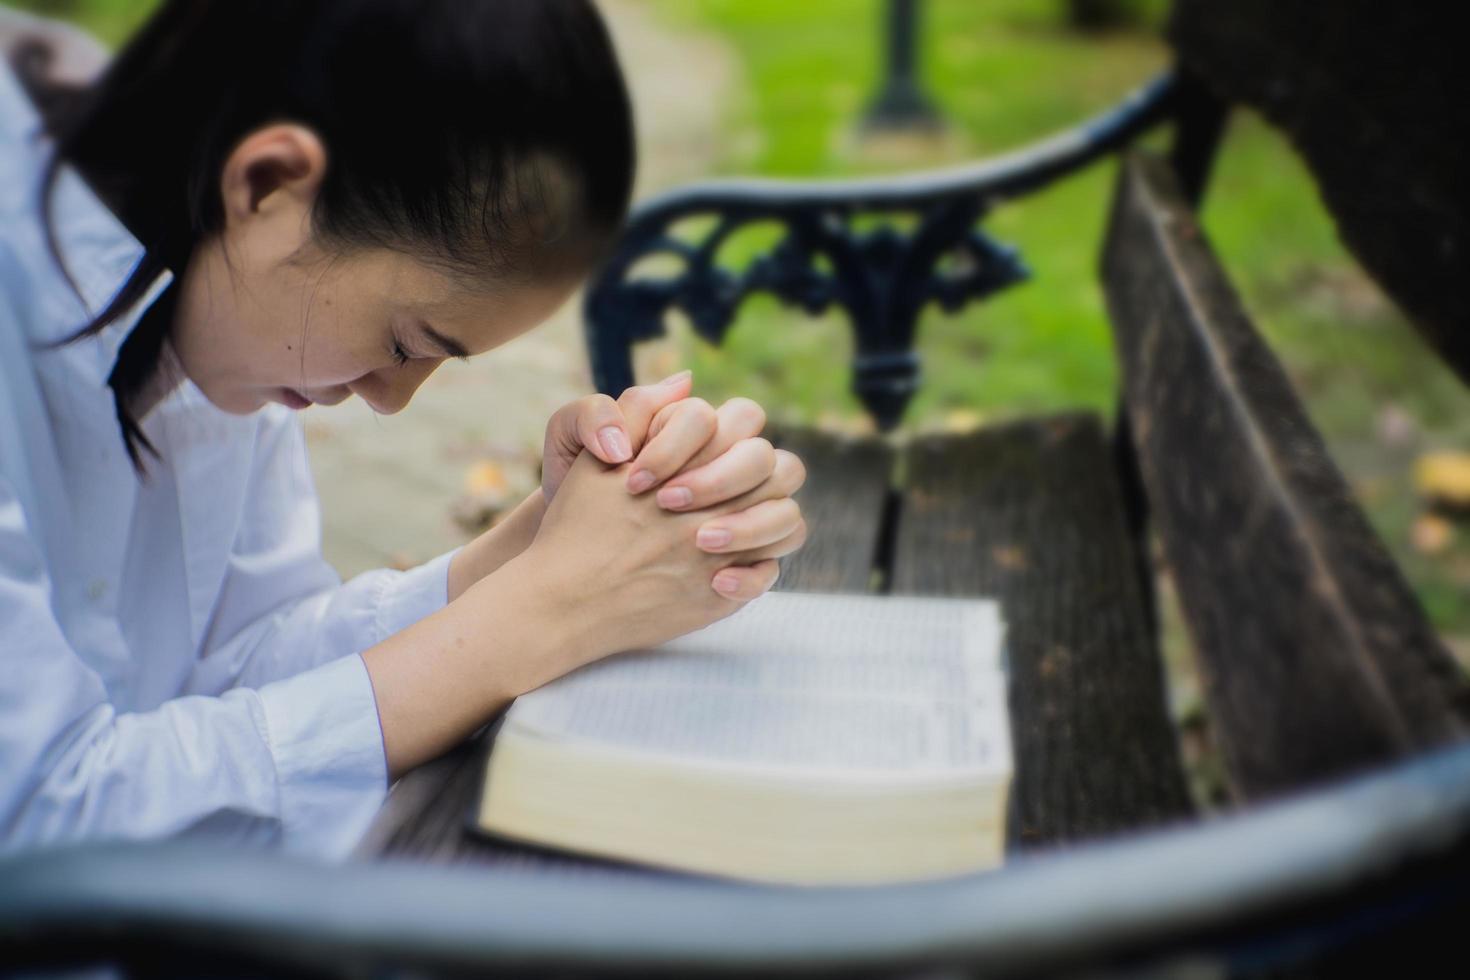 femme prie avec bible dans le jardin photo